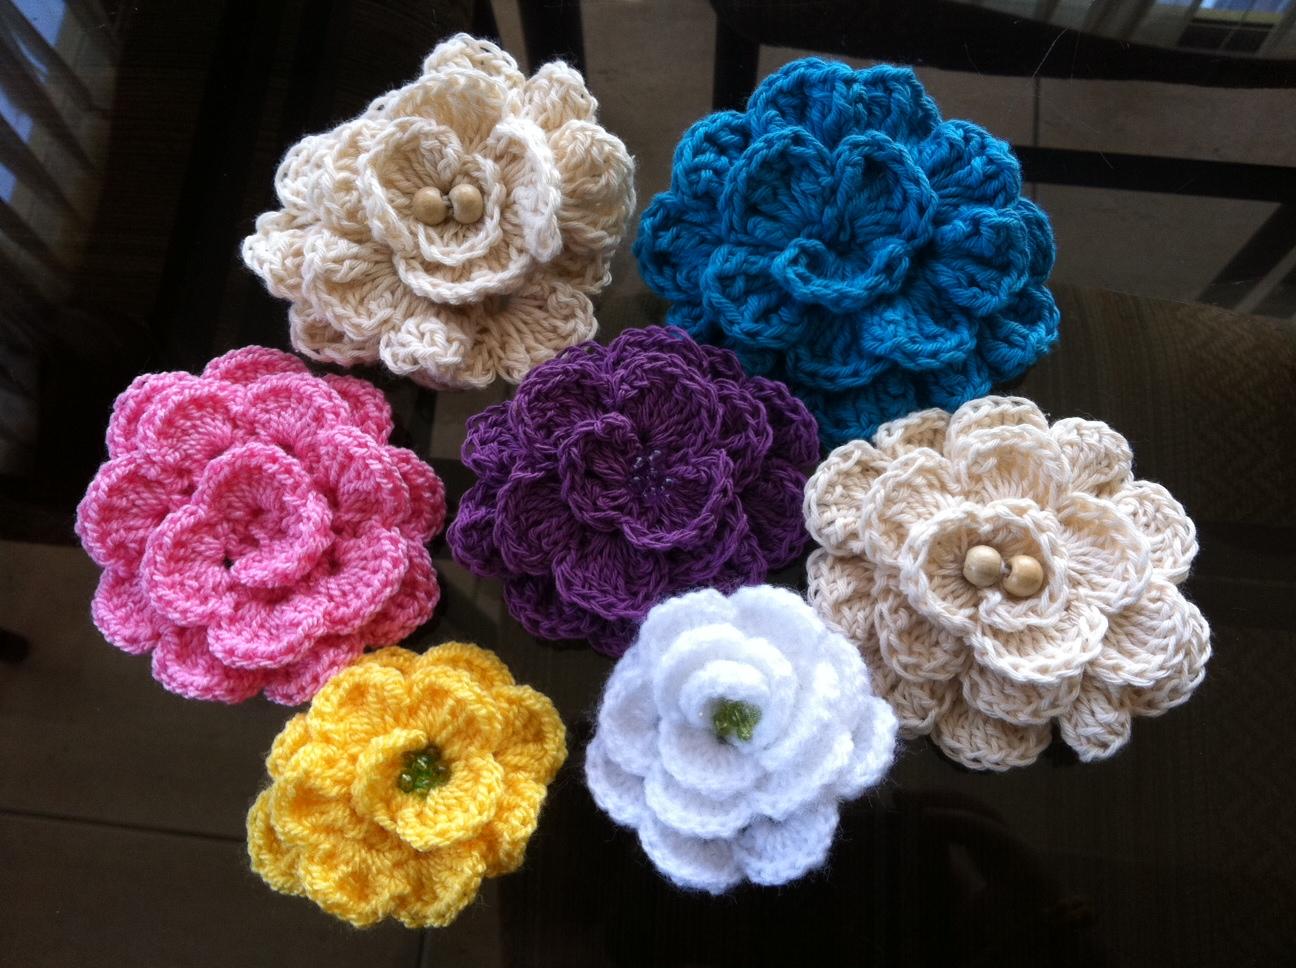 Fotos De Flores Para El Pelo - Coronas De Flores Para El Pelo El blog de Cucullia